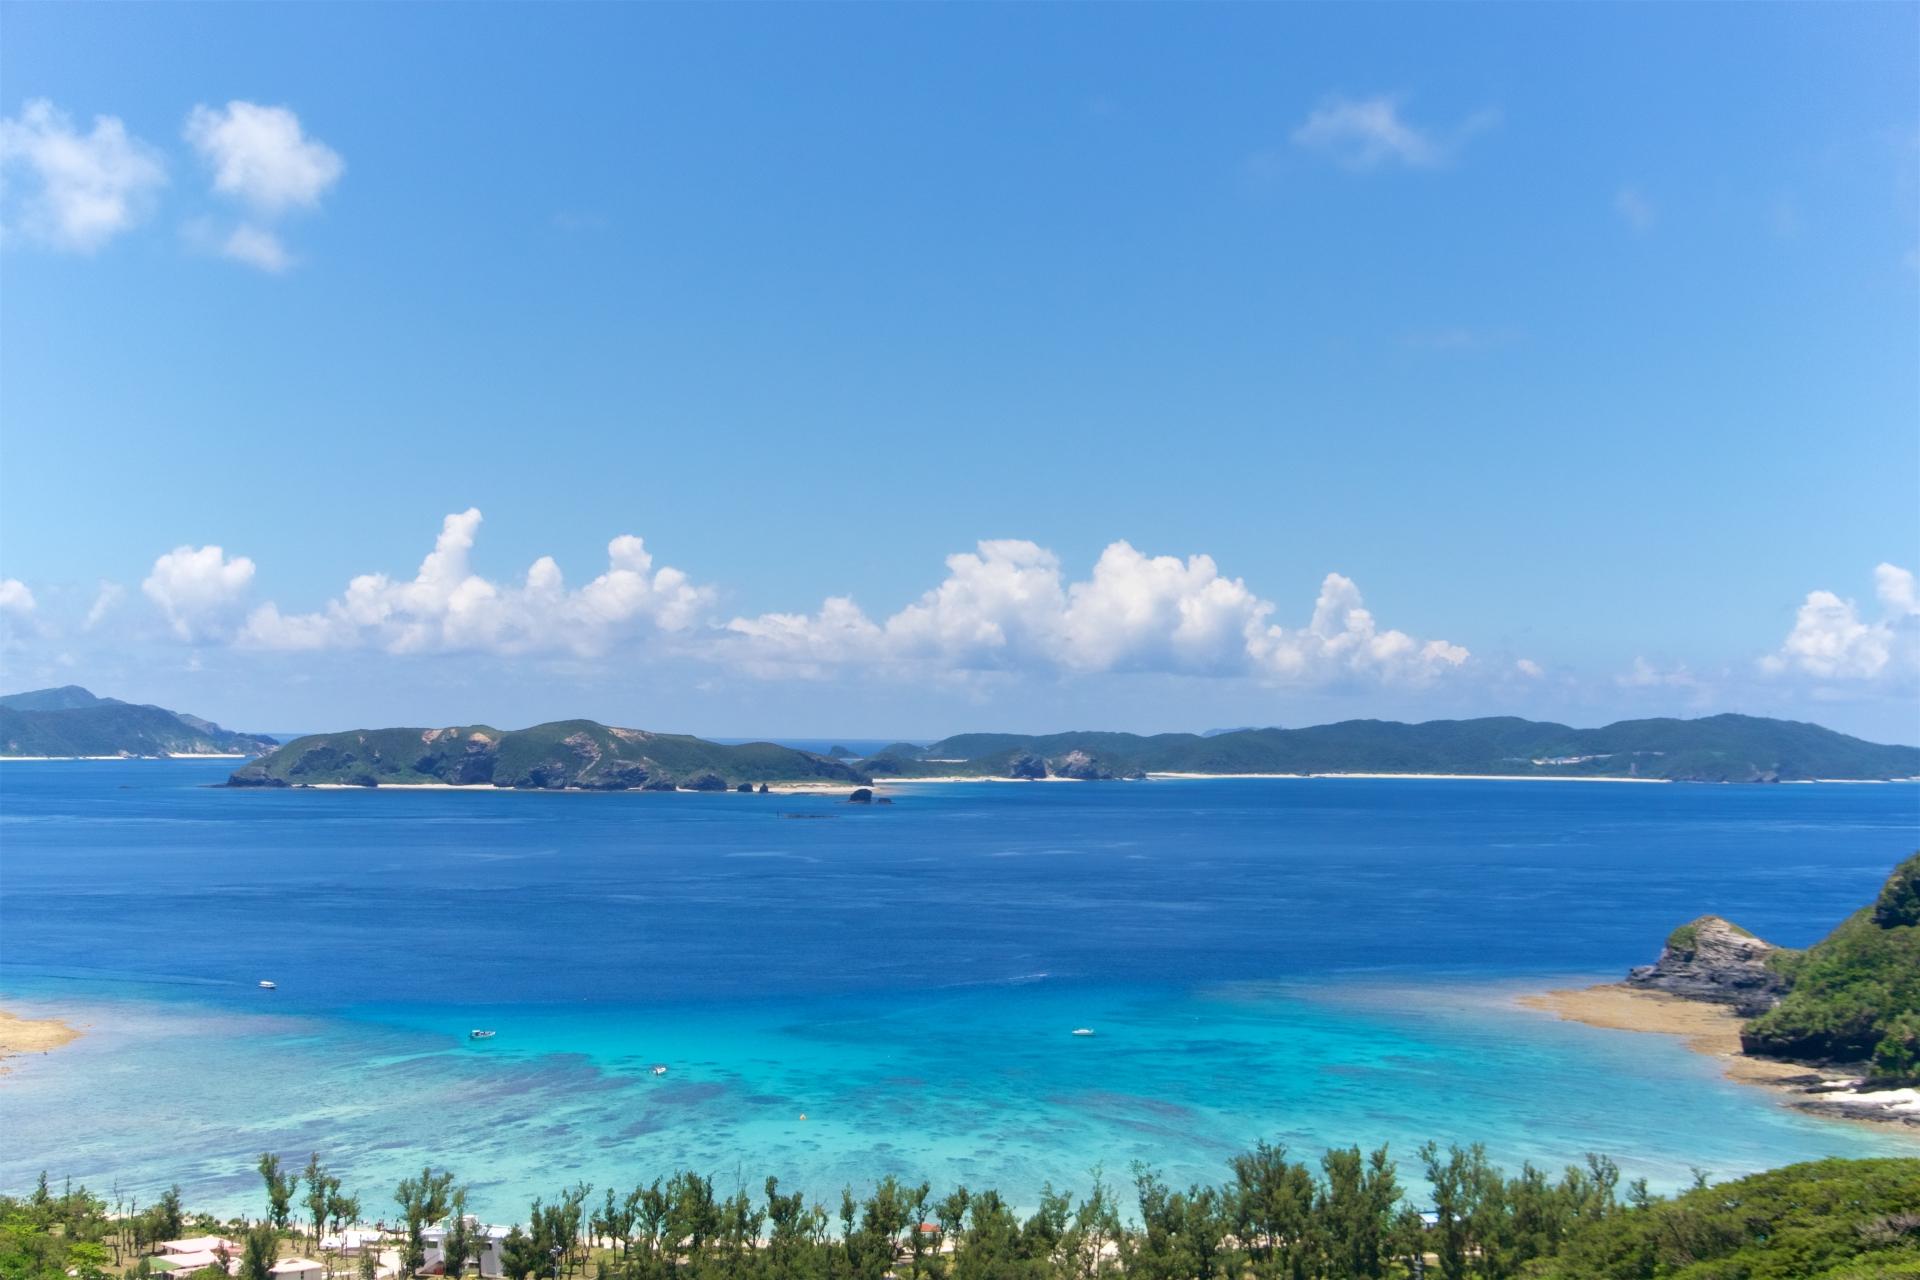 沖縄県、石垣島、与那国島、久米島、南大東島、宮古島、今日の天気、明日の天気、週間天気のまとめ